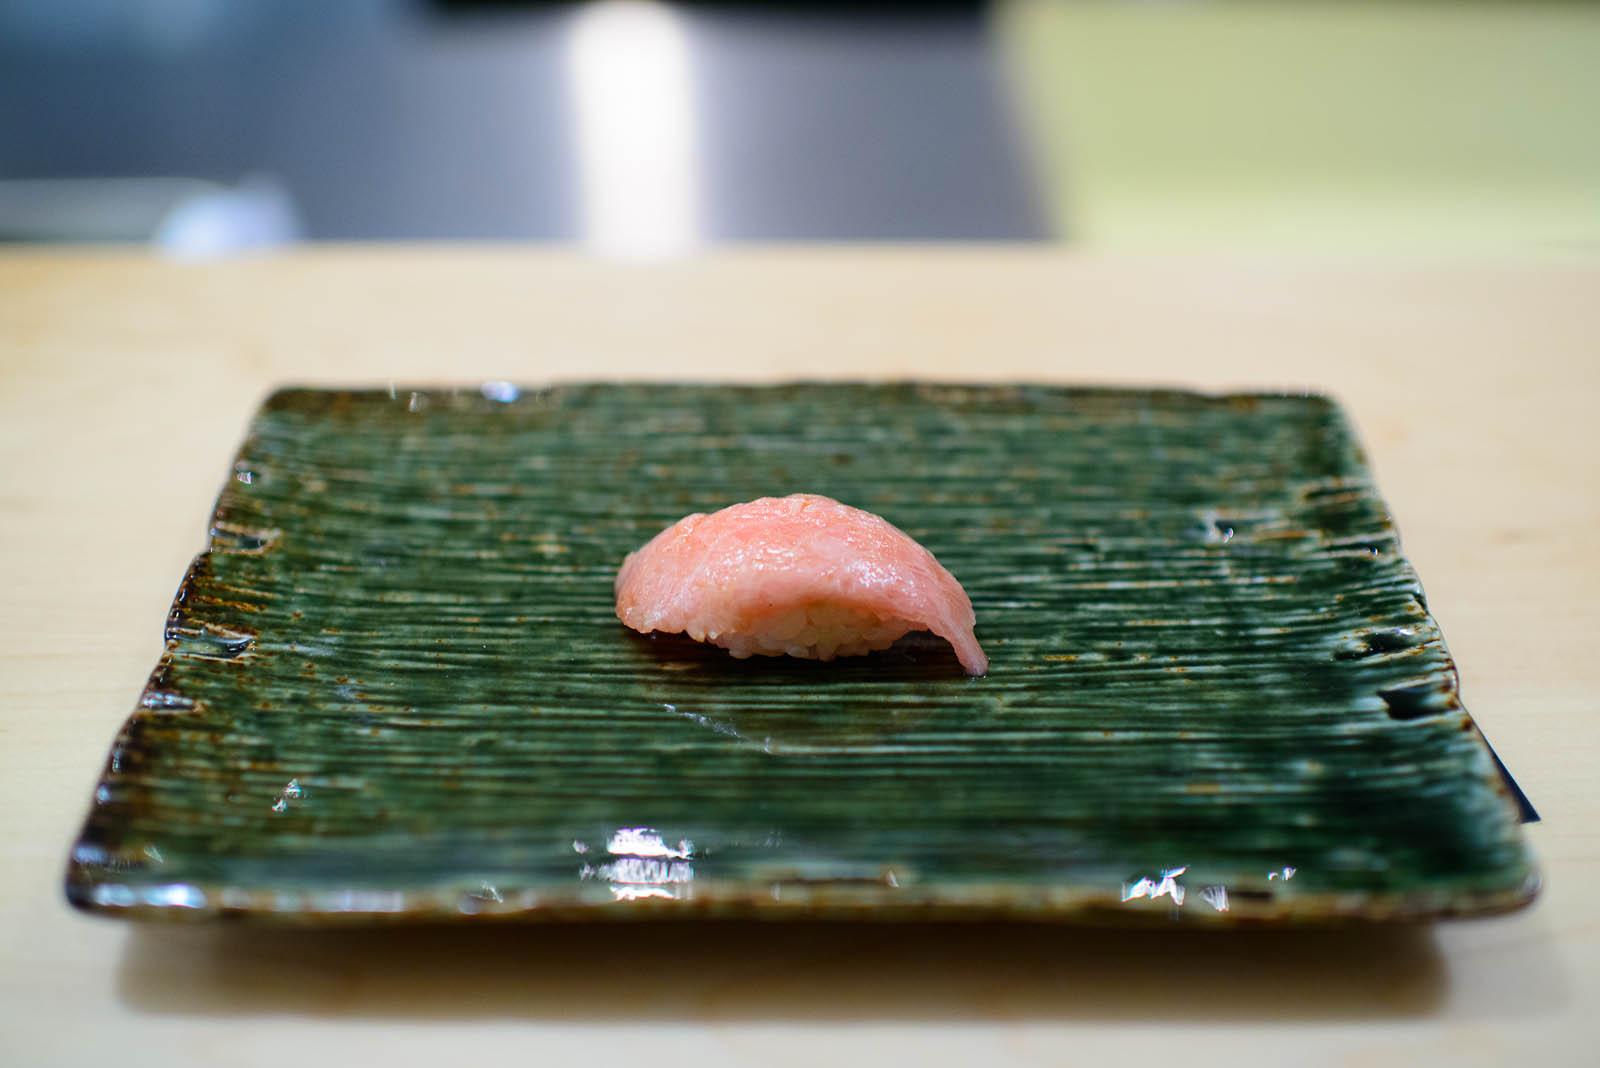 6th Course: Fatty tuna